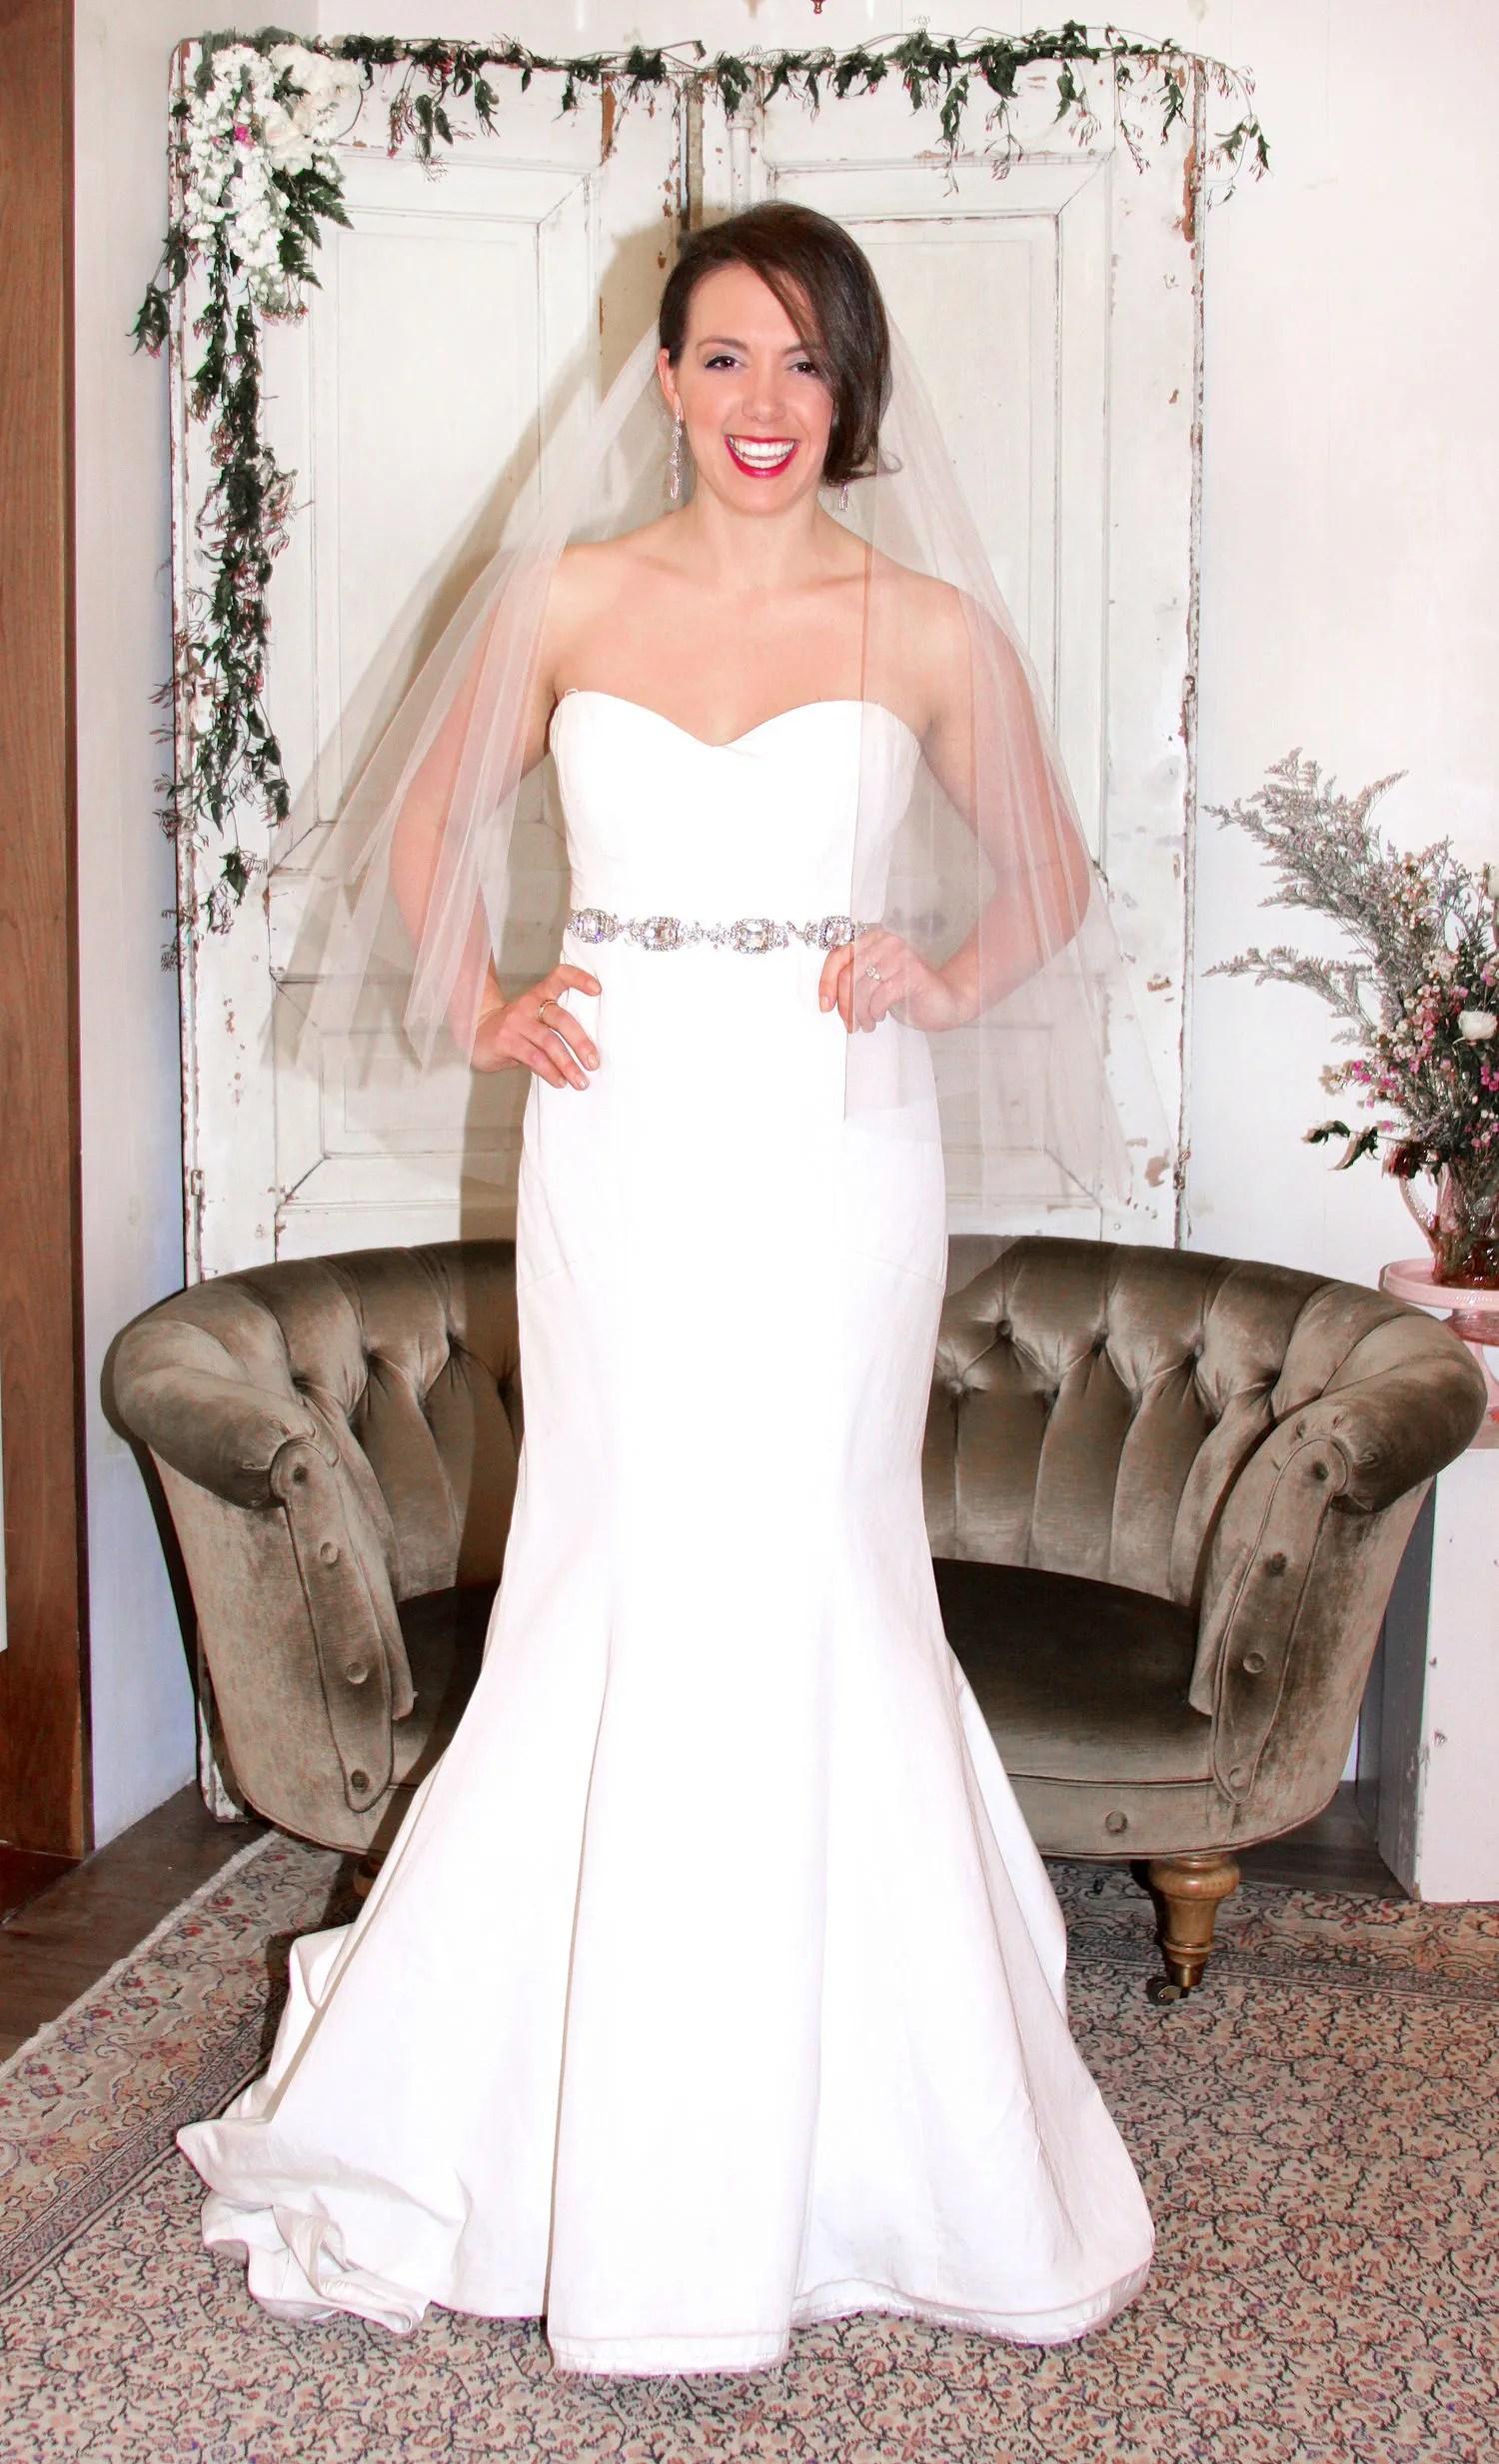 Best Wedding Accessories Stylish Wedding Accessories For